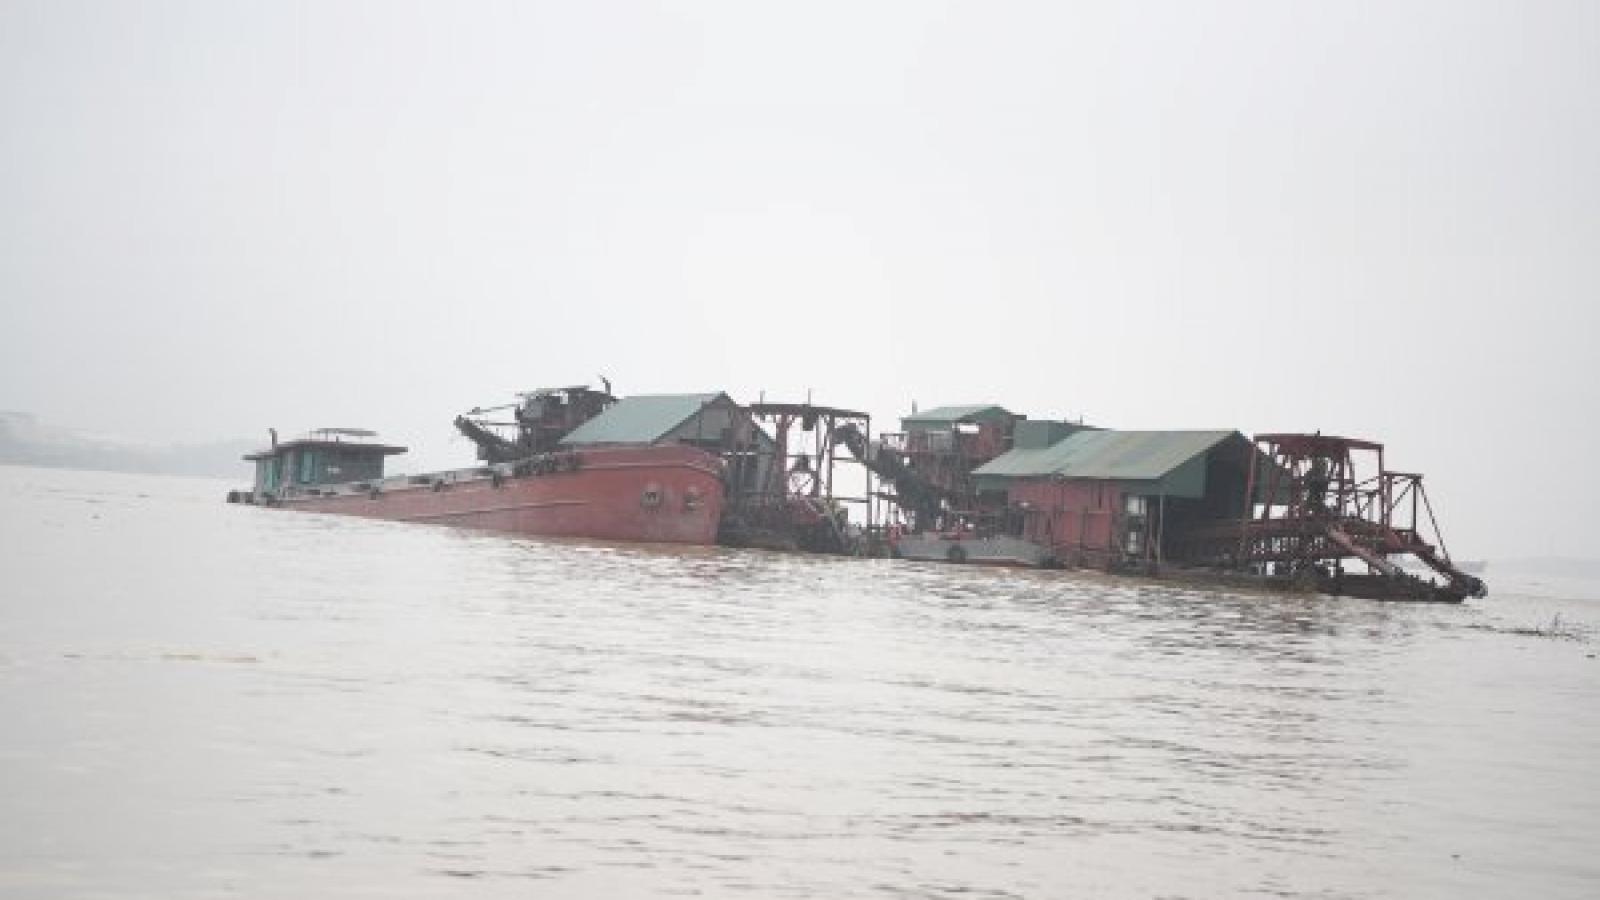 Bắt giữ 15 phương tiện cùng 46 thuyền viên đang hút cát trái phép trên sông Hồng